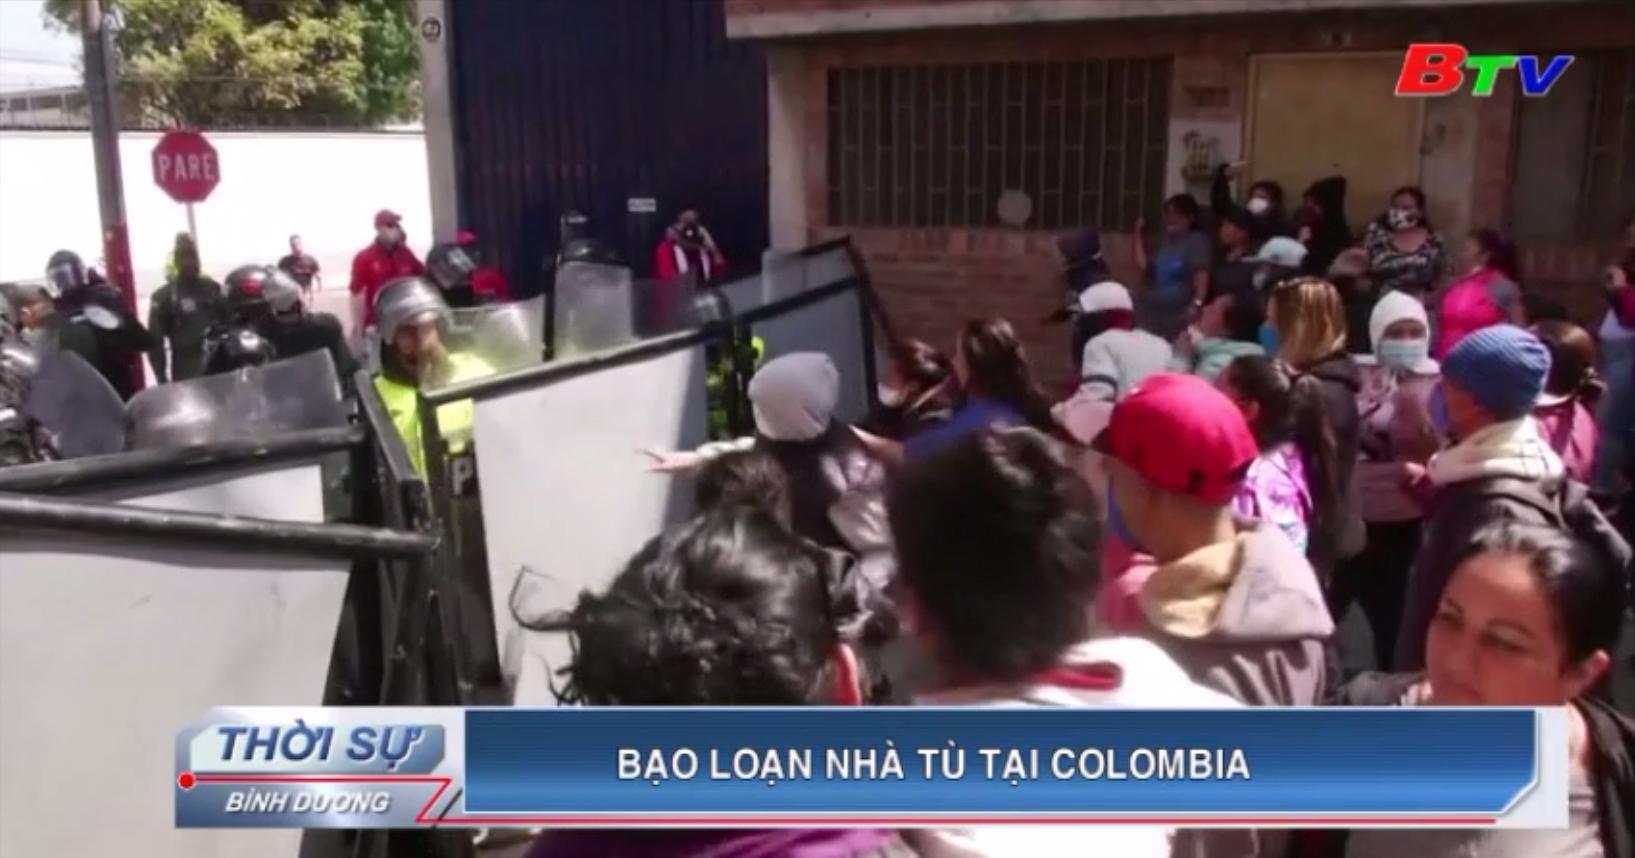 Bạo loạn nhà tù tại Colombia